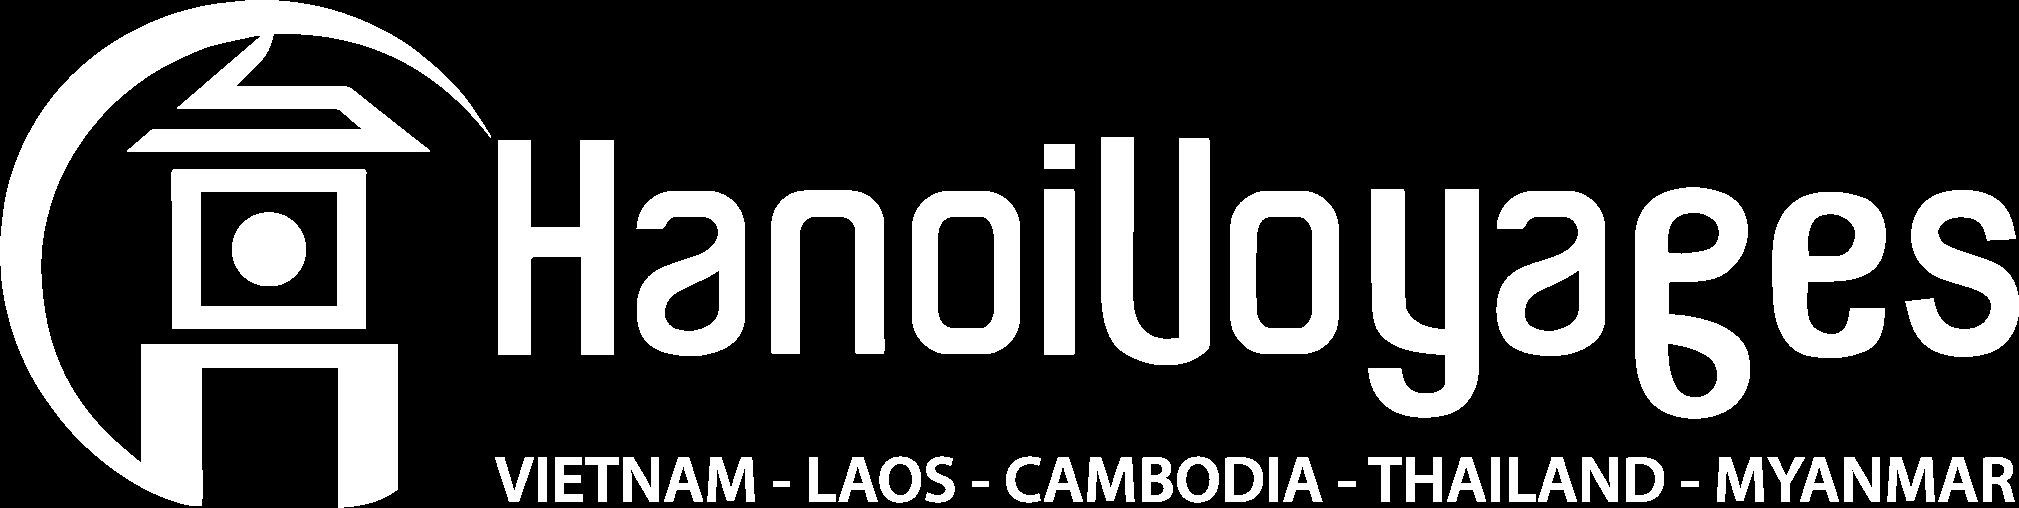 Hanoi Voyages White Logo